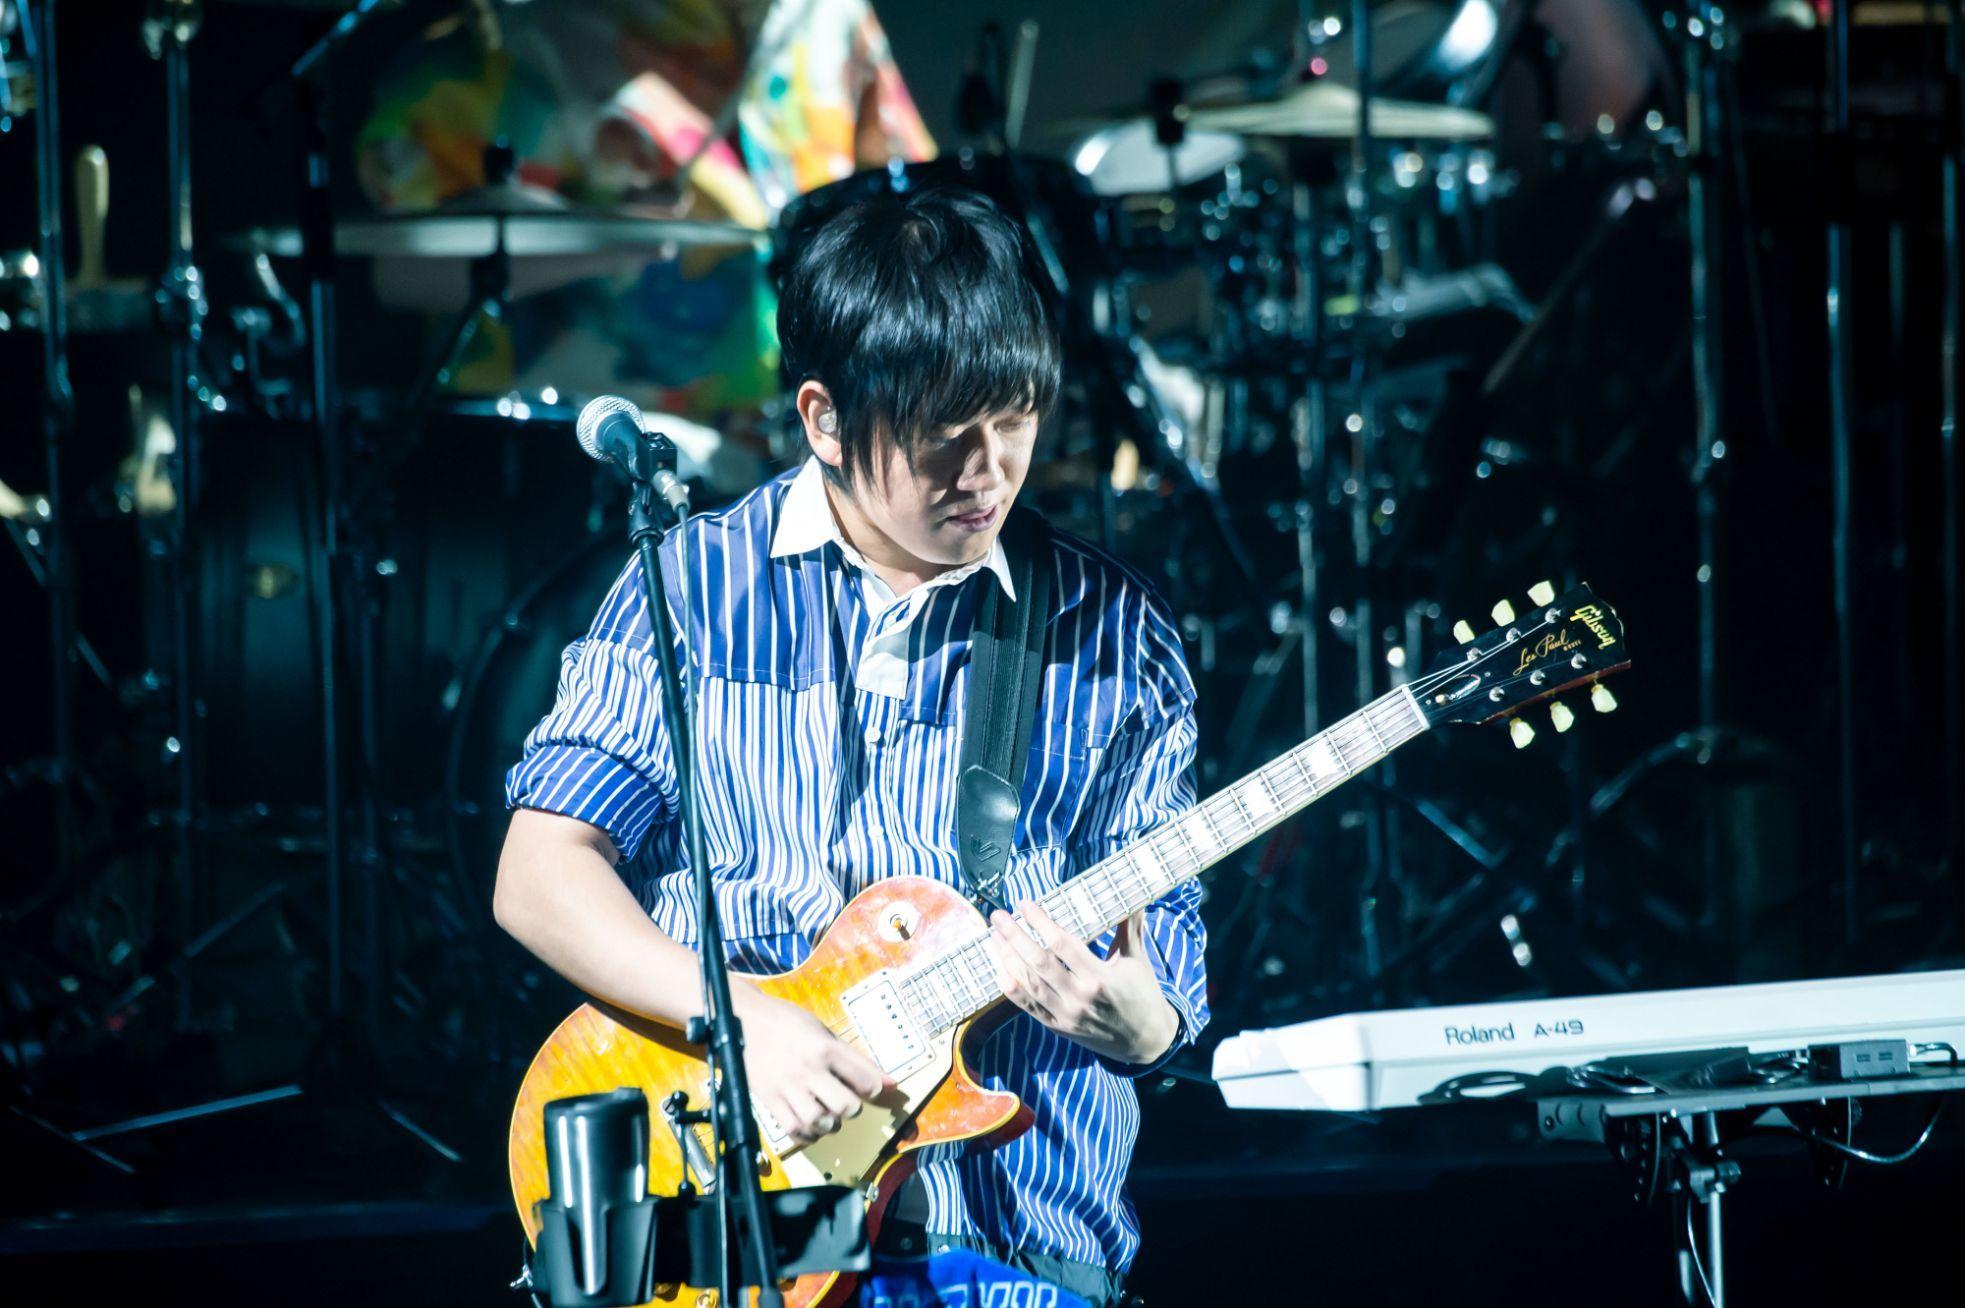 Photo by Takeshi Yao